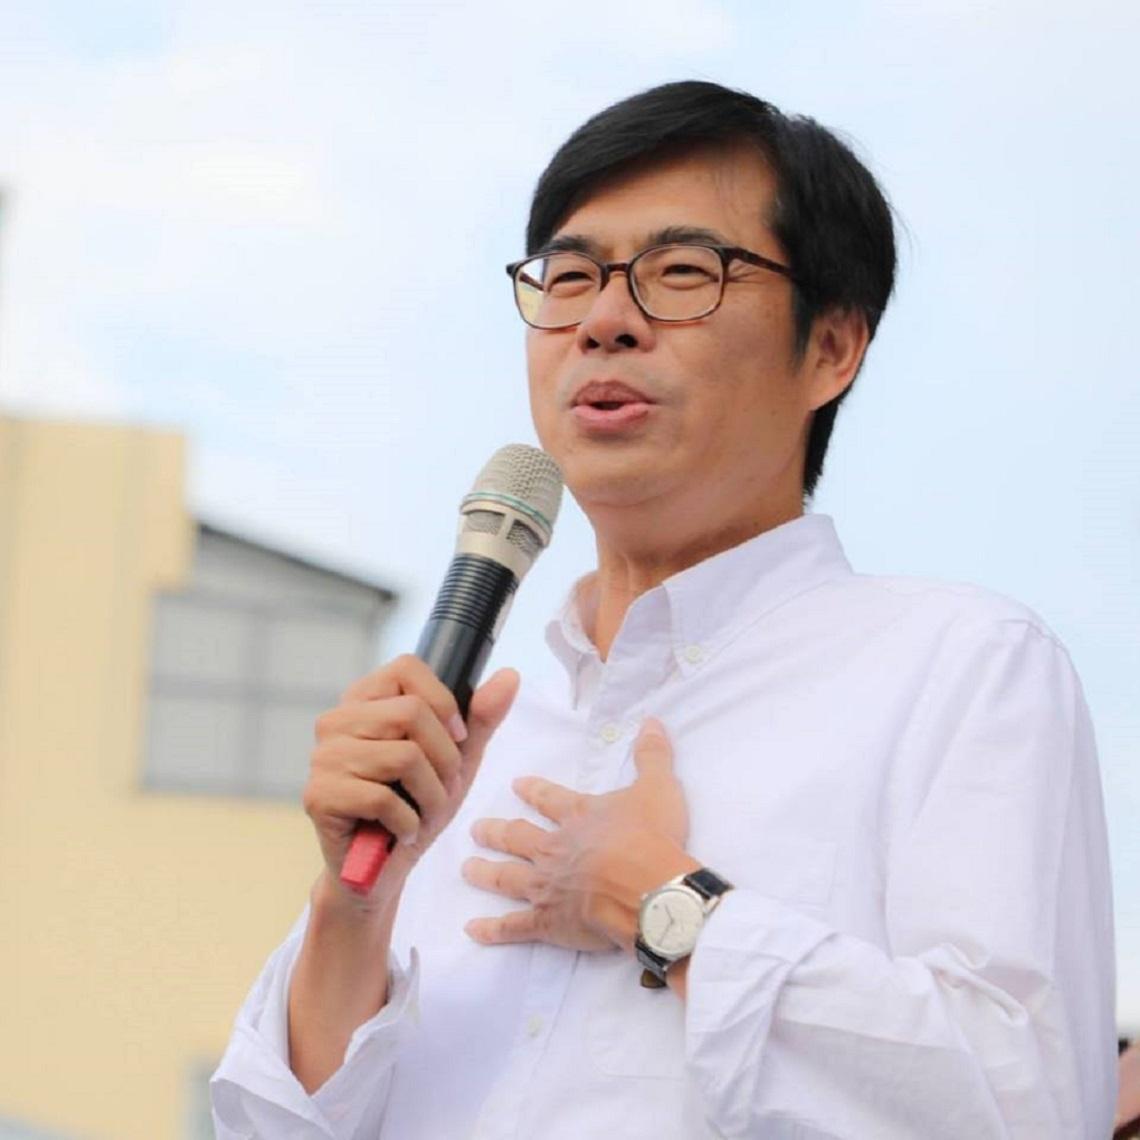 韓國瑜透露已找好市長接班人,陳其邁嚇到連問3次「這麼快?」